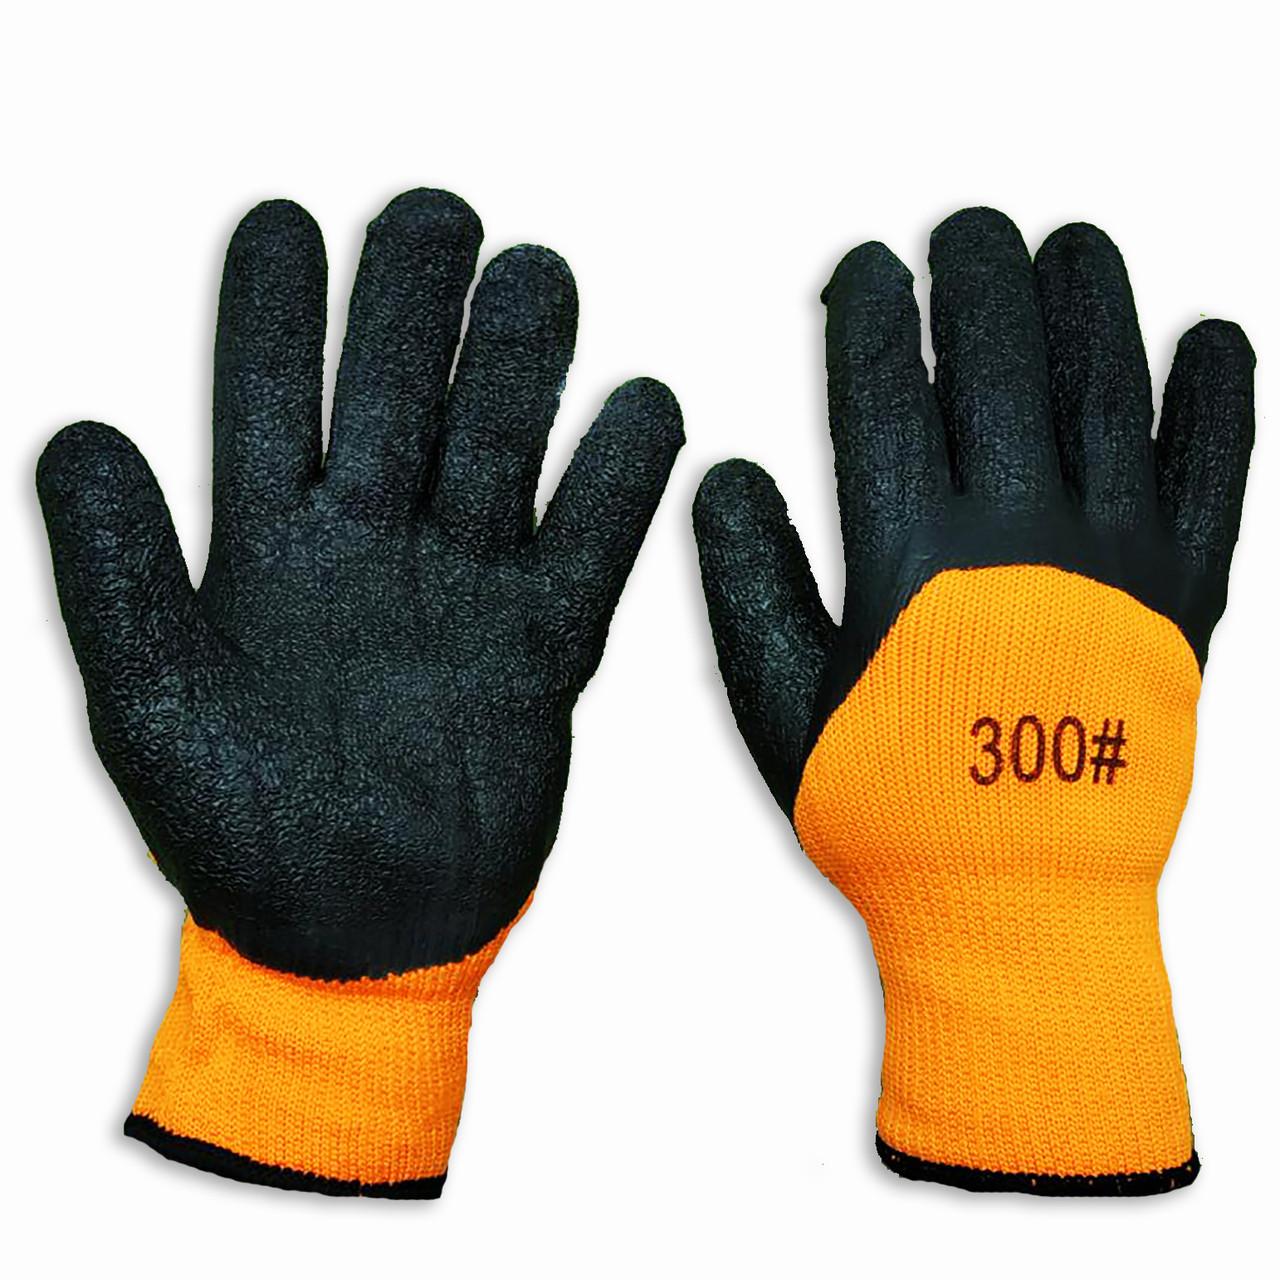 Перчатки защитные, вспененный латекс, утеплённые, зимние, № 8, уп. — 12 пар